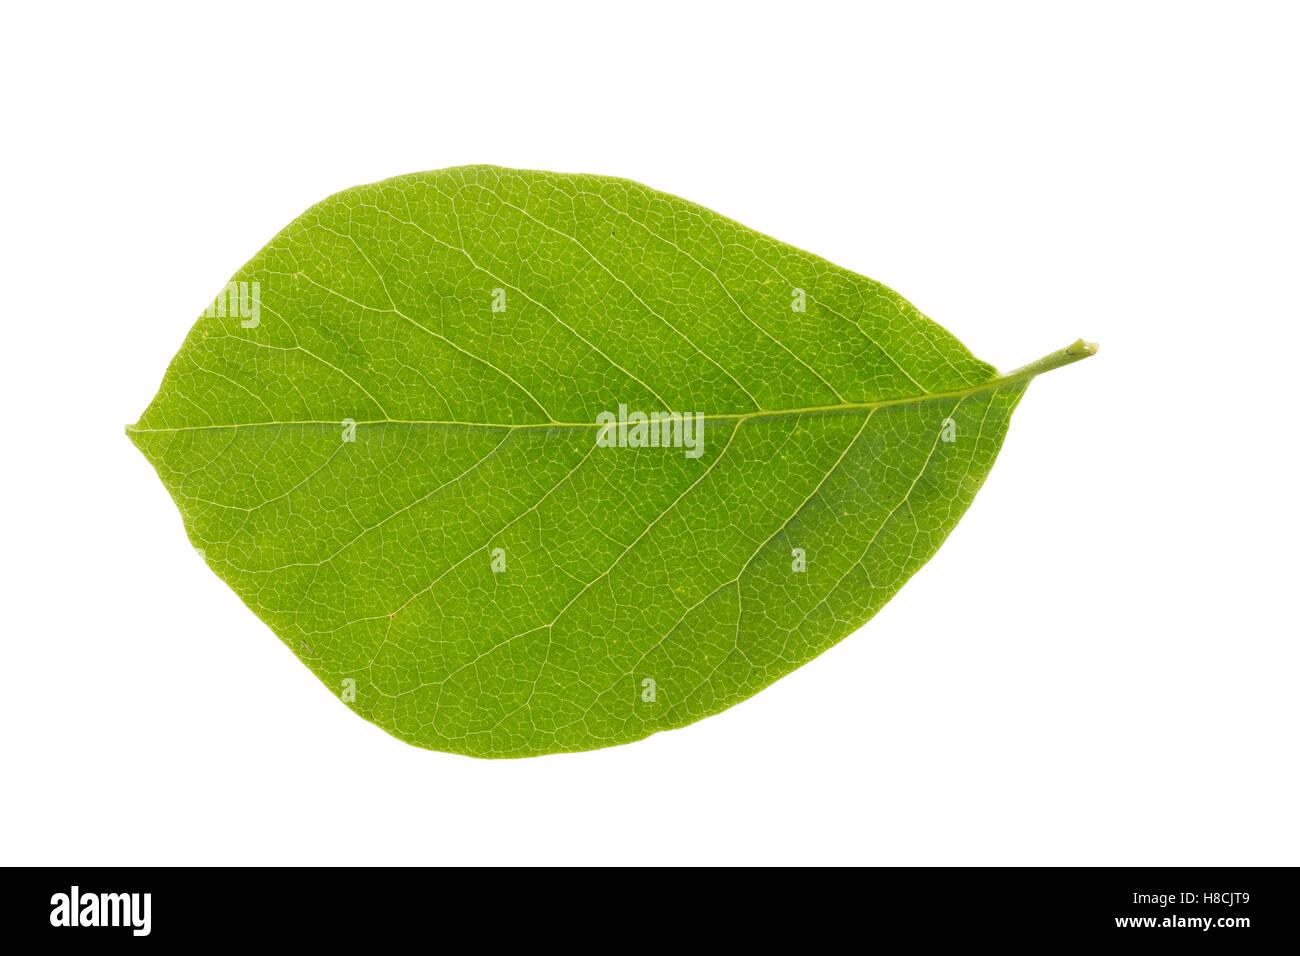 Magnolie, Yulan-Magnolie, Magnolien, Magnolia denudata, lilytree, Yulan magnolia, Magnolia Yulan. Blatt, Blätter, Stock Photo